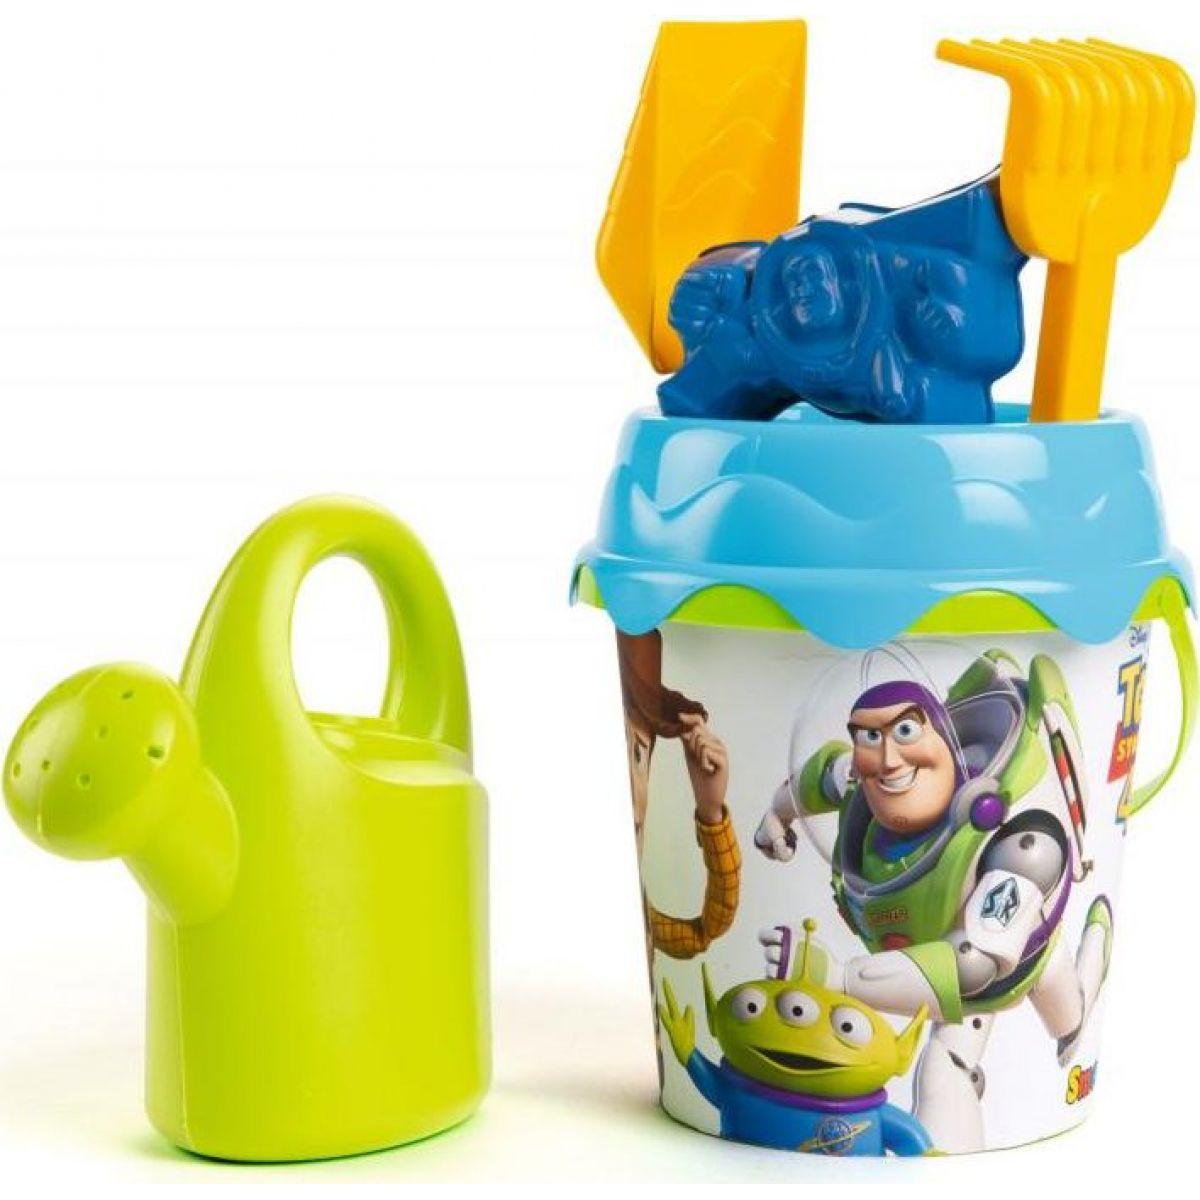 Smoby Kyblíček Toys Story s konvičkou a příslušentsvím